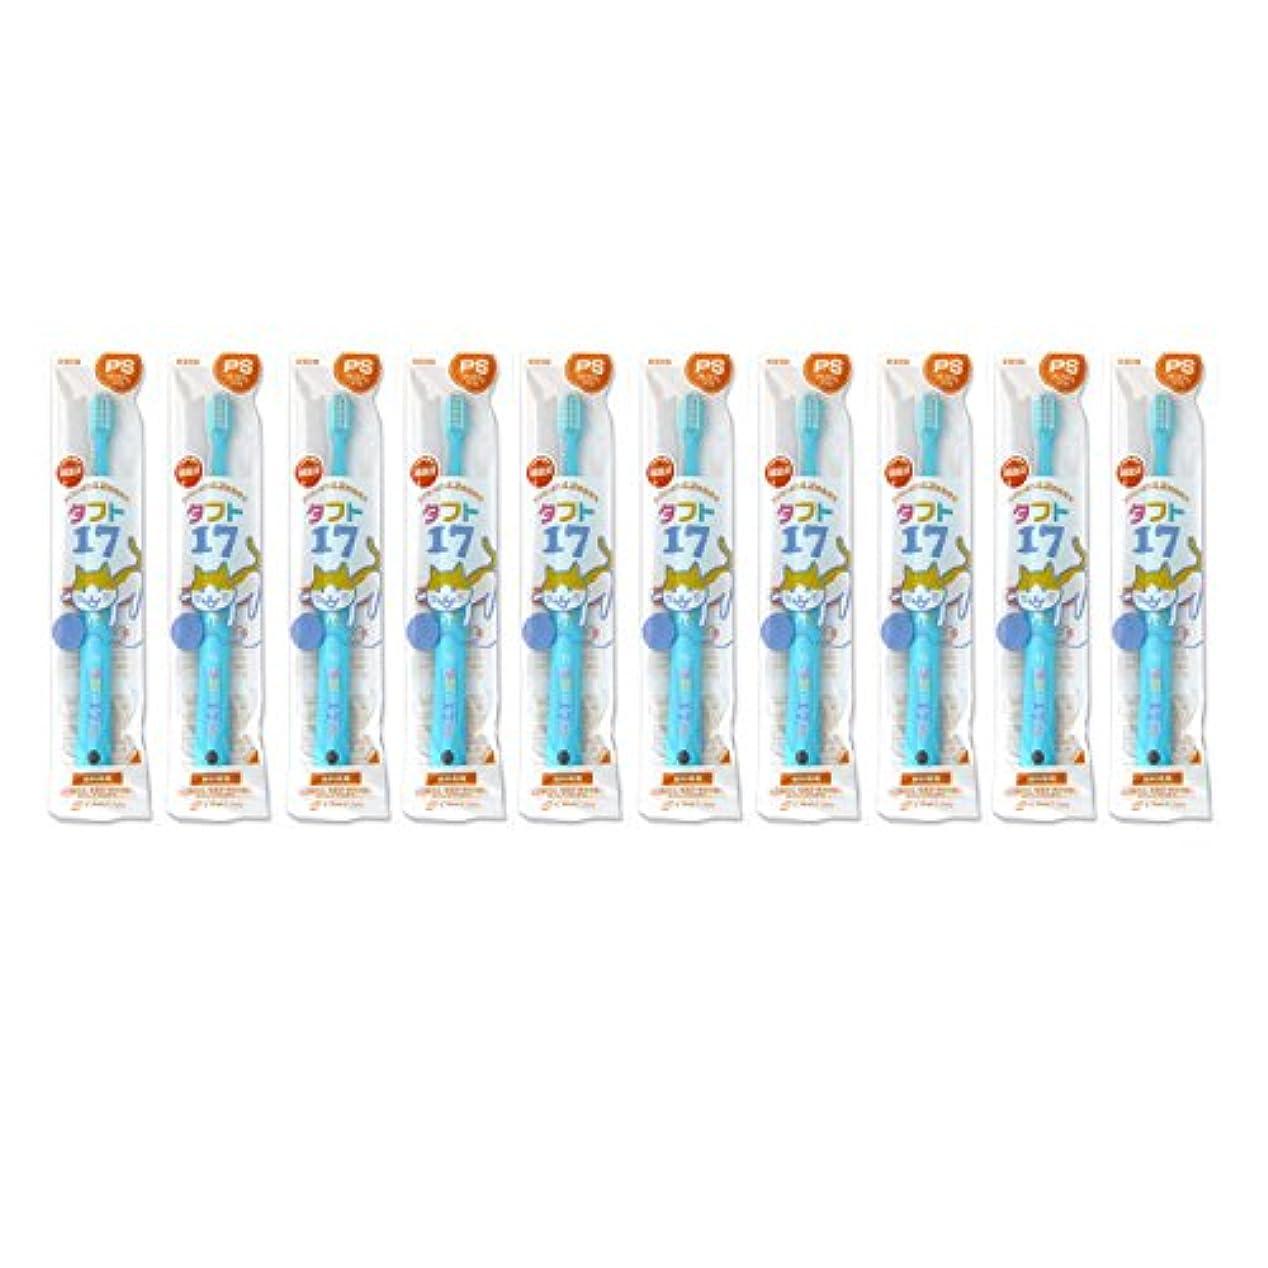 修正するシロクマ並外れたタフト17 10本 オーラルケア タフト17/プレミアムソフト 子供 タフト 乳歯列期(1~7歳)こども歯ブラシ 10本セット ブルー